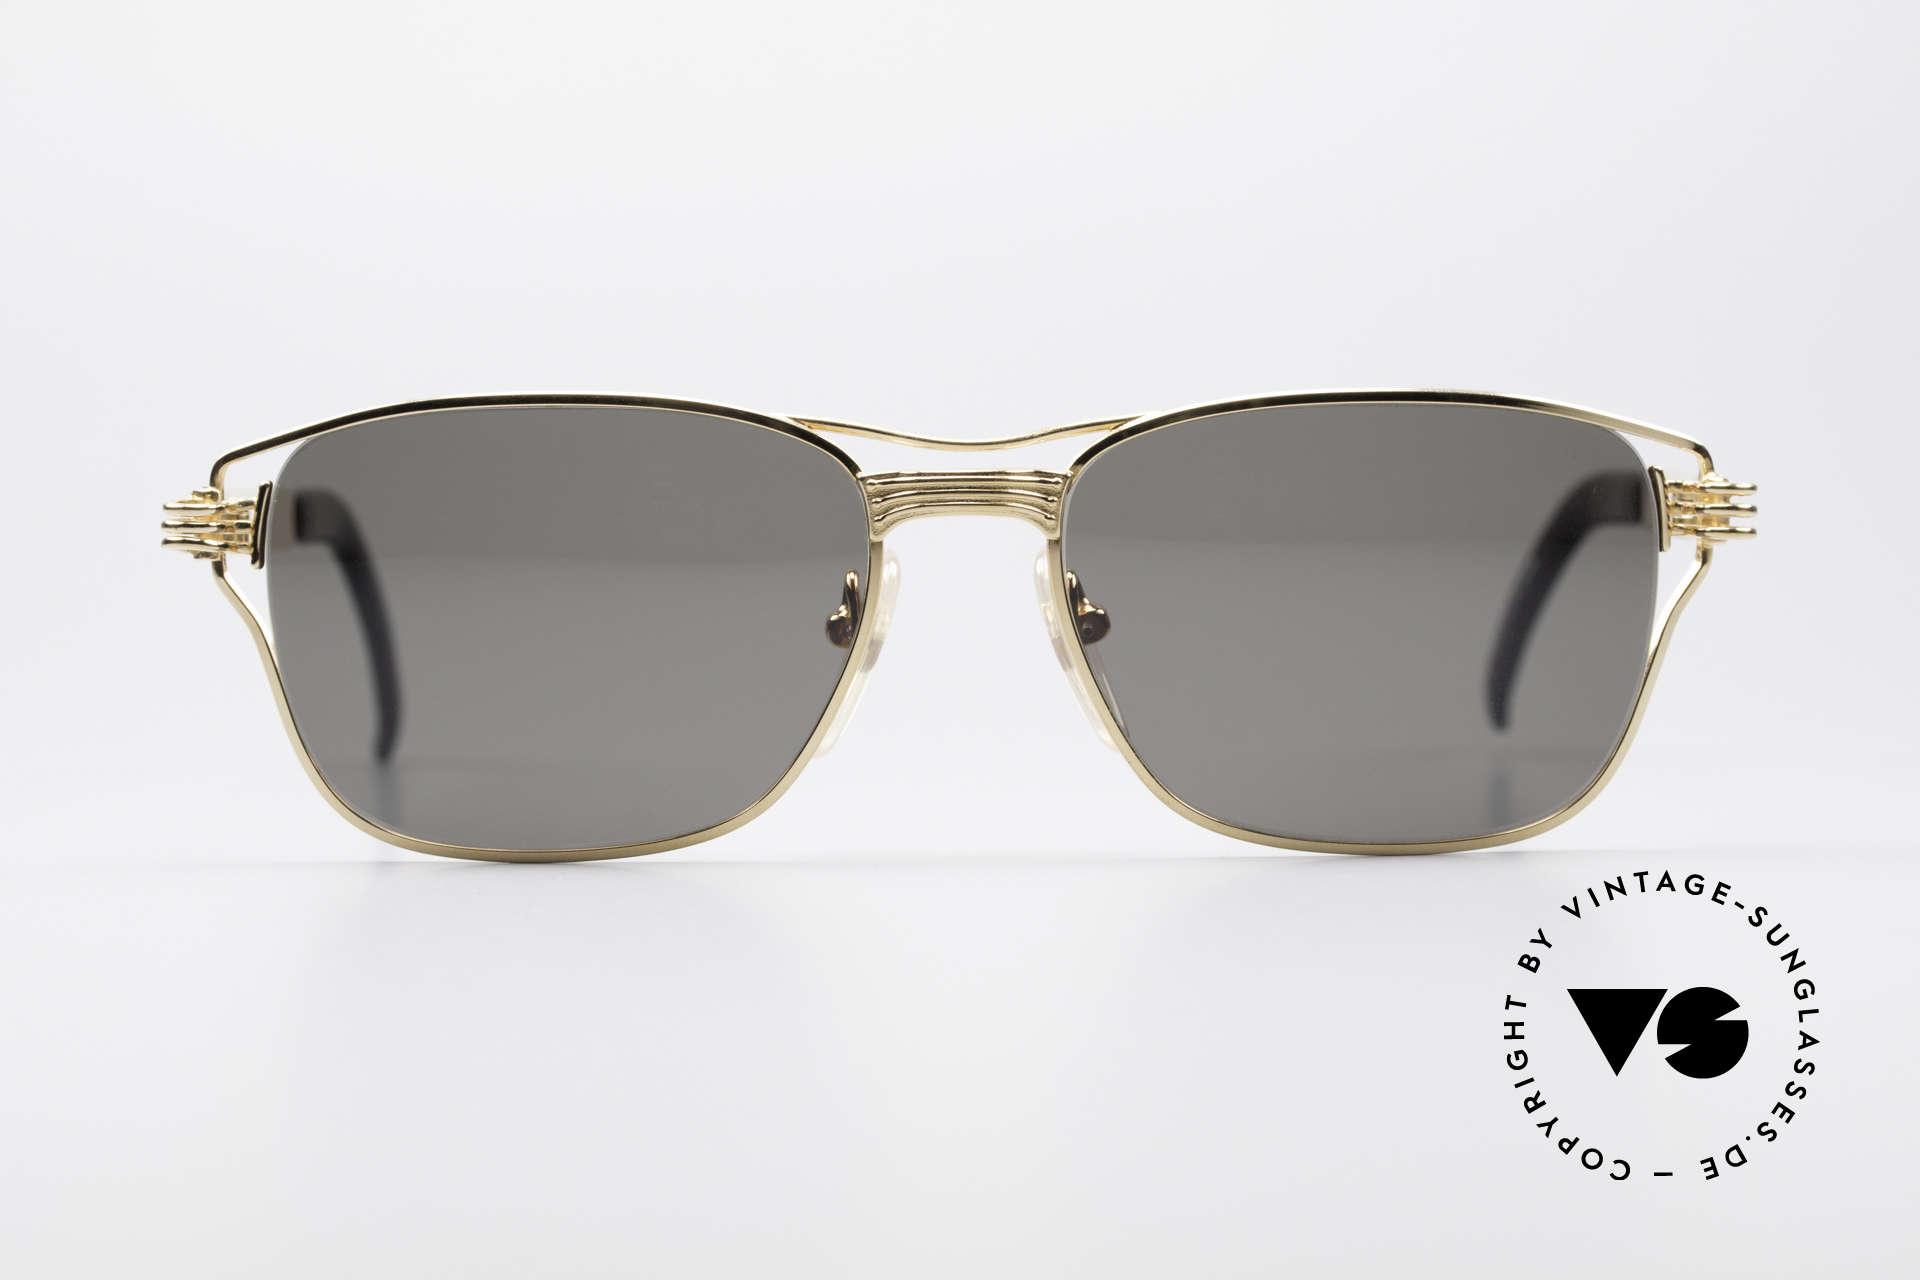 Jean Paul Gaultier 56-4173 Eckige Designer Sonnenbrille, typisches mechanisches J.P.G. Industrie-Design, Passend für Herren